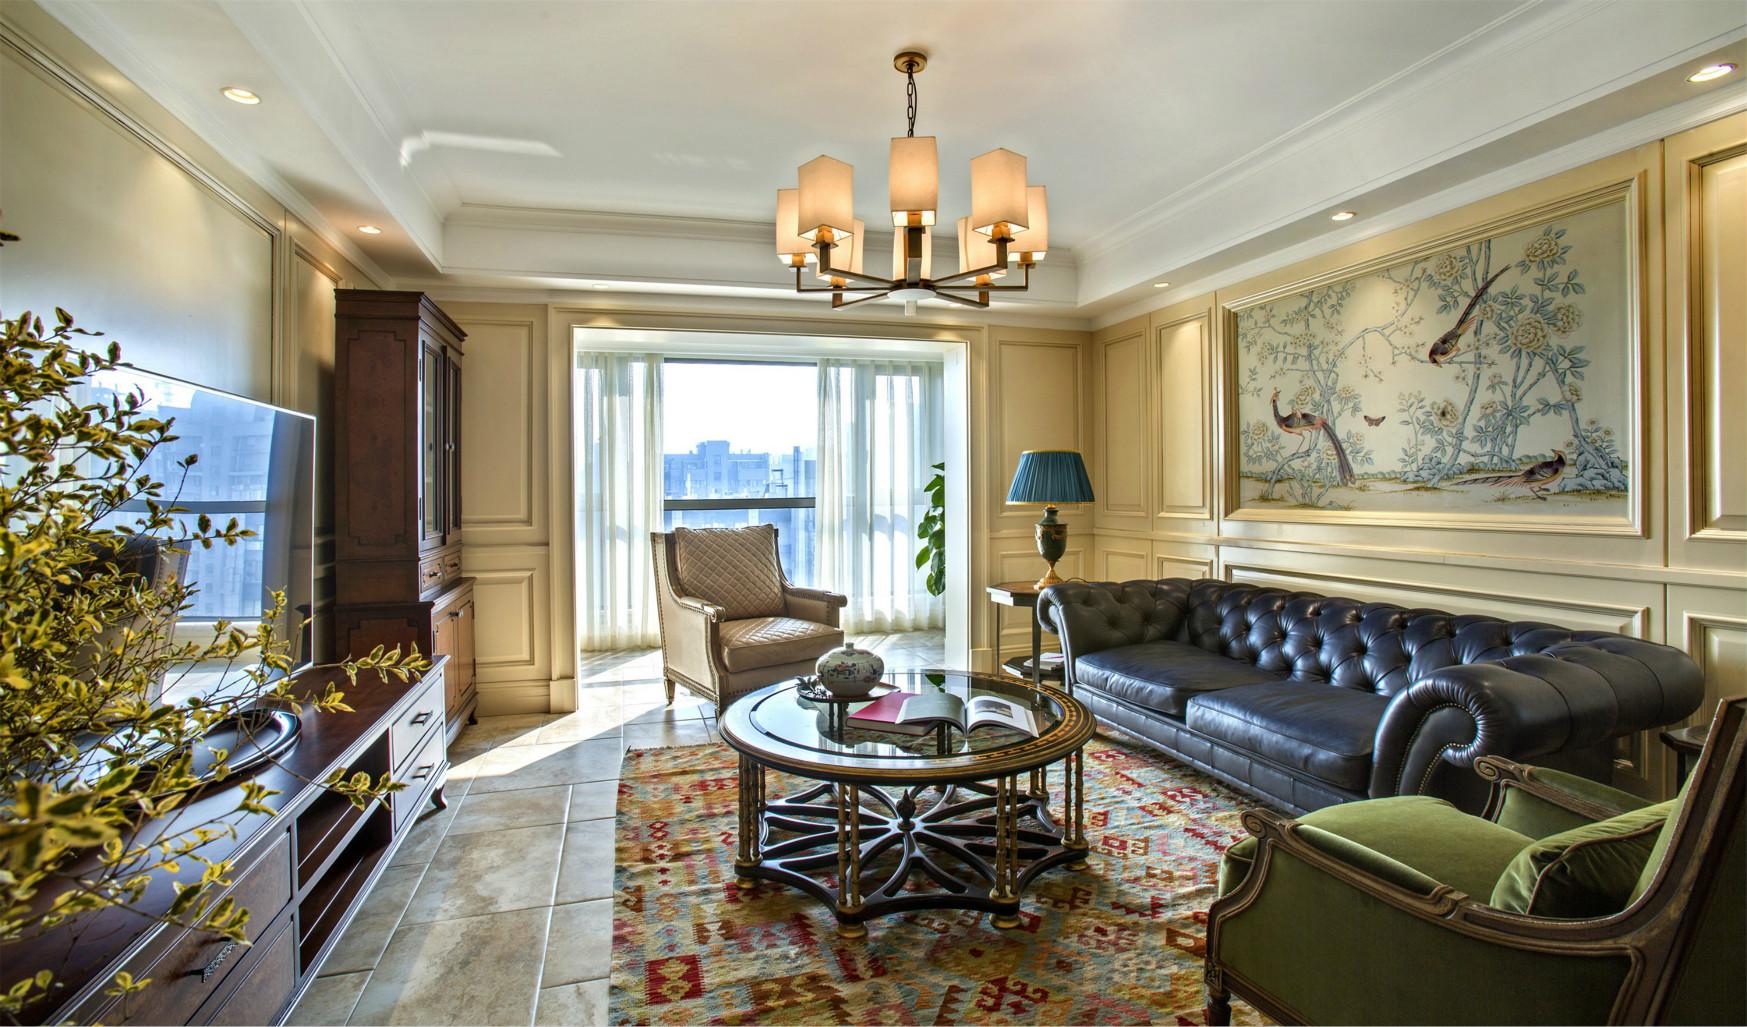 客厅以软装来装饰,电视背景墙的抹茶色简单大气。